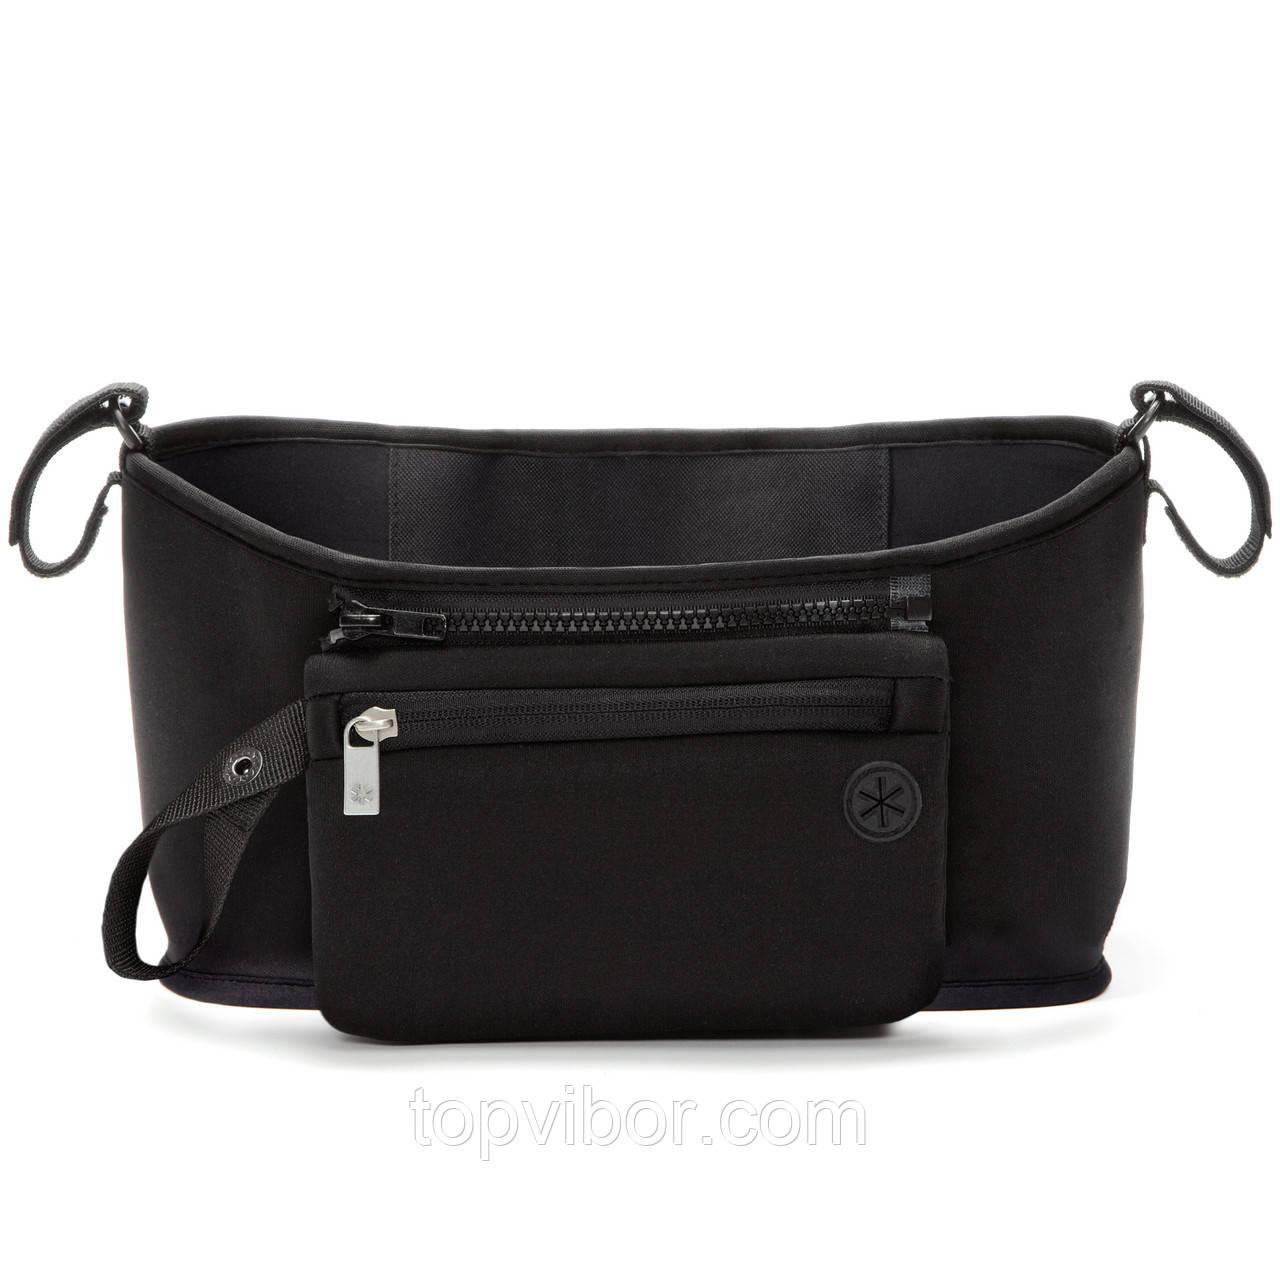 Органайзер на ручку коляски, сумка чехол, Grab & Go, цвет - чёрный, сумка для мамы на коляску